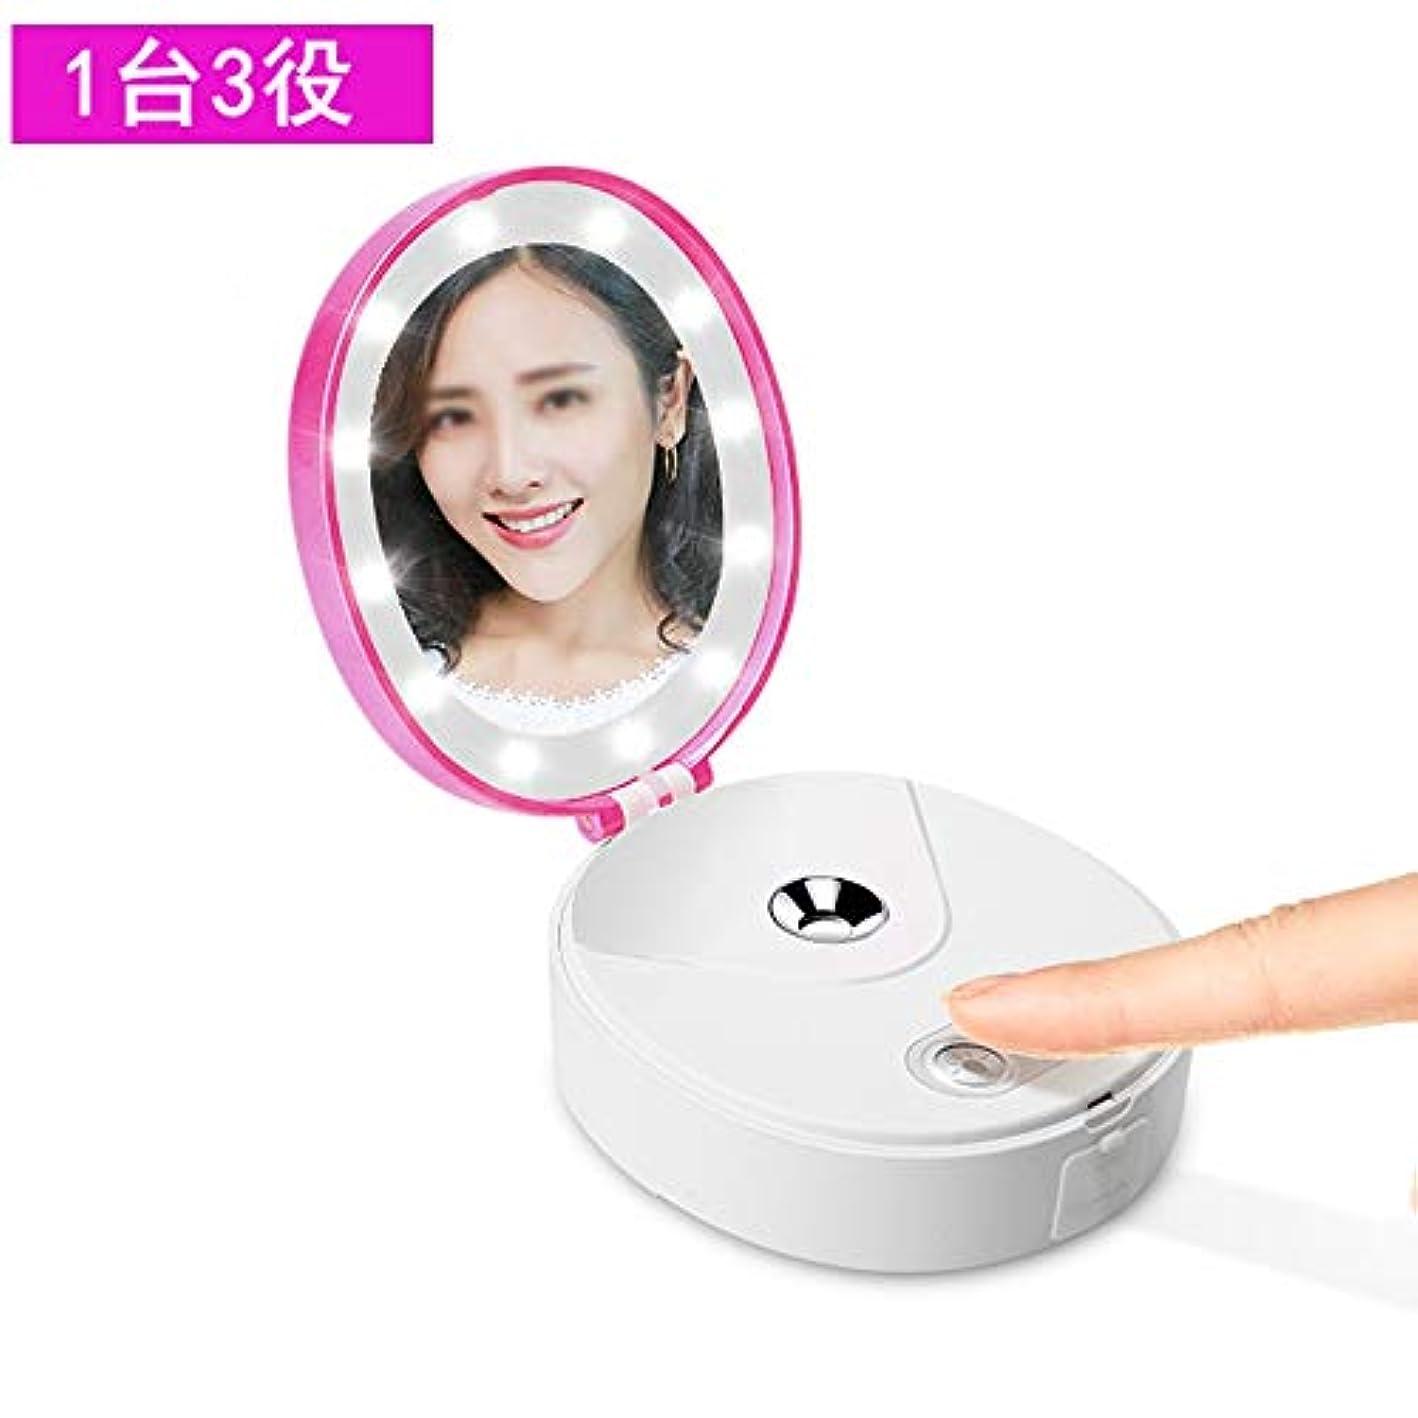 縁石騒々しい記録Smiler+ LED 化粧鏡 化粧ミラー 鏡 女優ミラー led付き 補水ナノスプレー加湿器 肌への補水 明るさ調節可能 180°回転 usb充電式 携帯に充電に可能